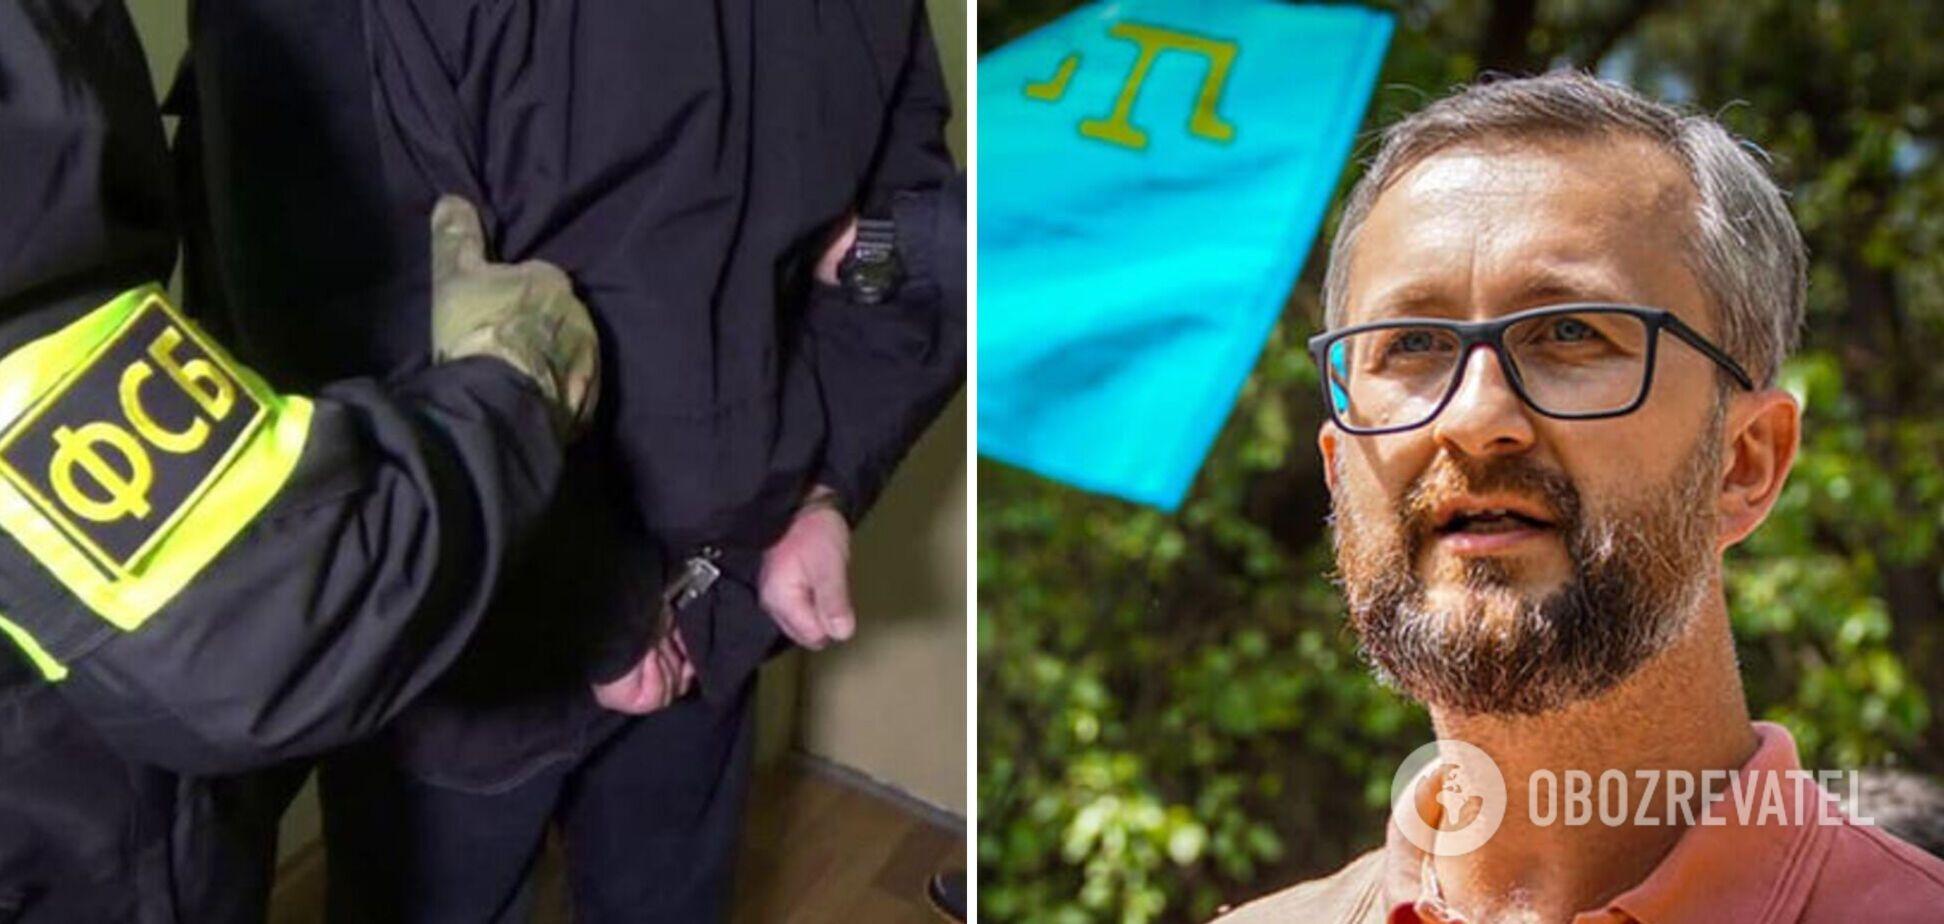 В МИД рассказали о пытках ФСБ задержанного Джеляла: держали с мешком на голове